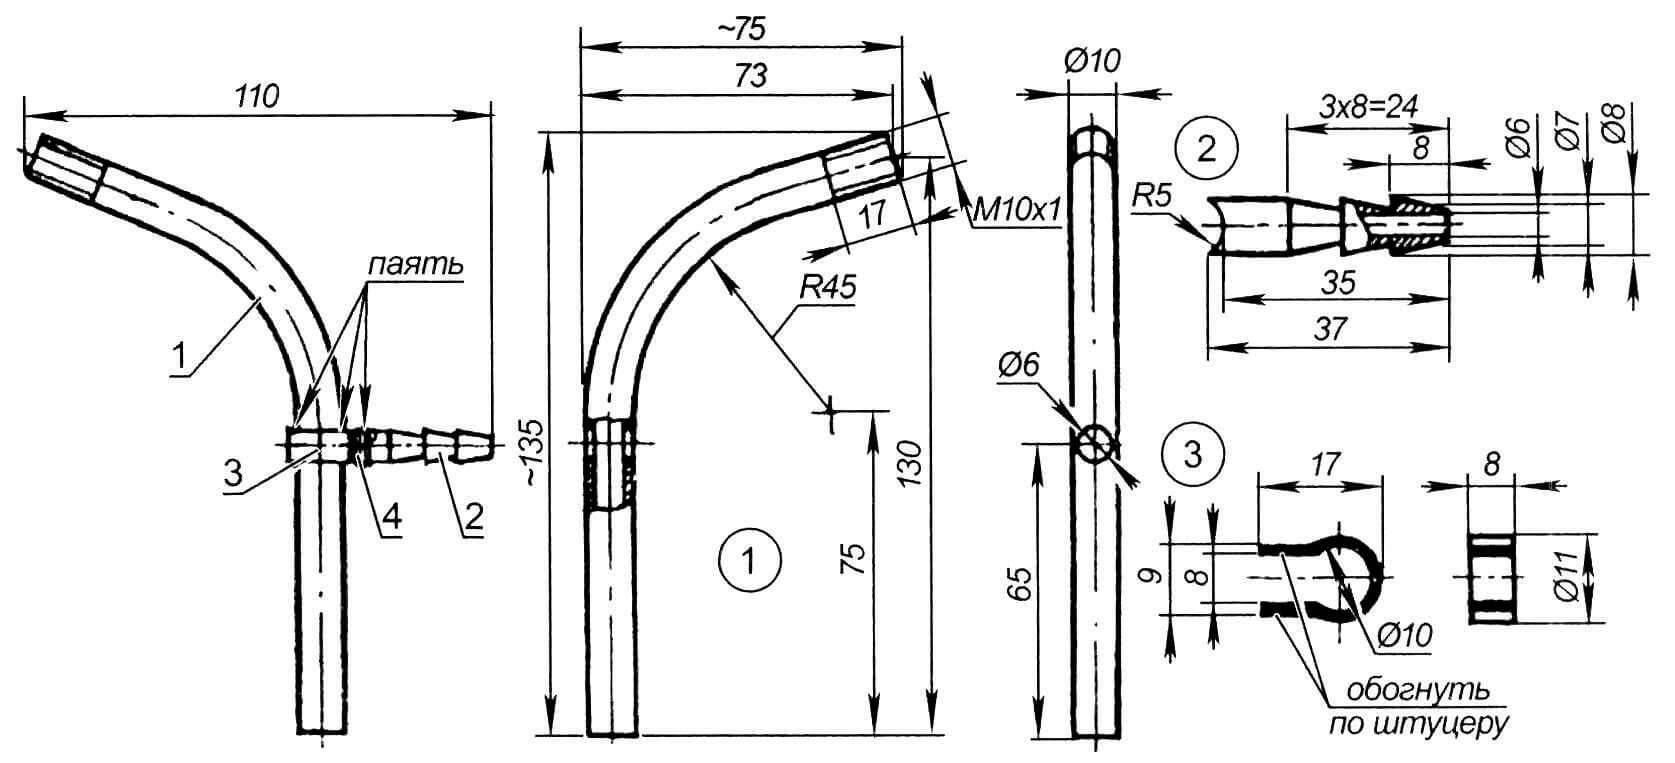 Пульверизатор: 1 - воздуховод (медь, трубка ø10x 1,25 мм); 2 - штуцер (медь, трубка ø8x1 мм); 3 - скоба (медь, лист s0,5 мм); 4 - проволока медная (ø0,5 мм, 10 витков)